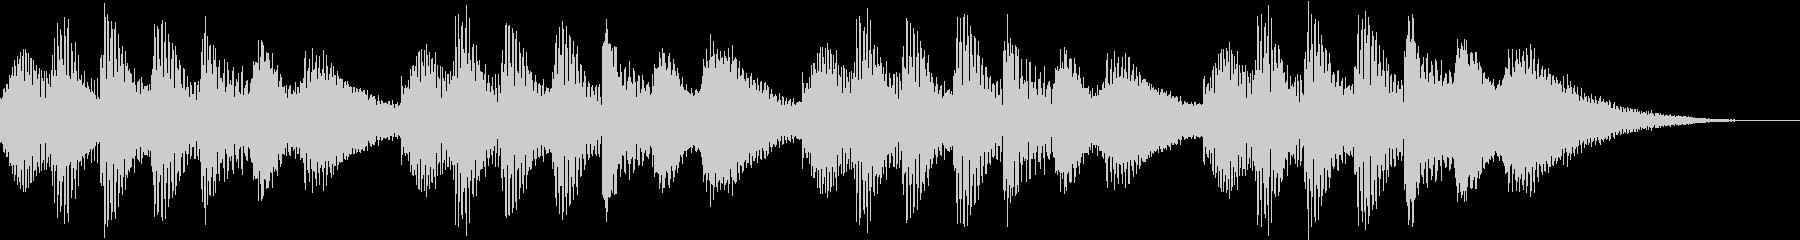 ほのぼのした着信音の未再生の波形